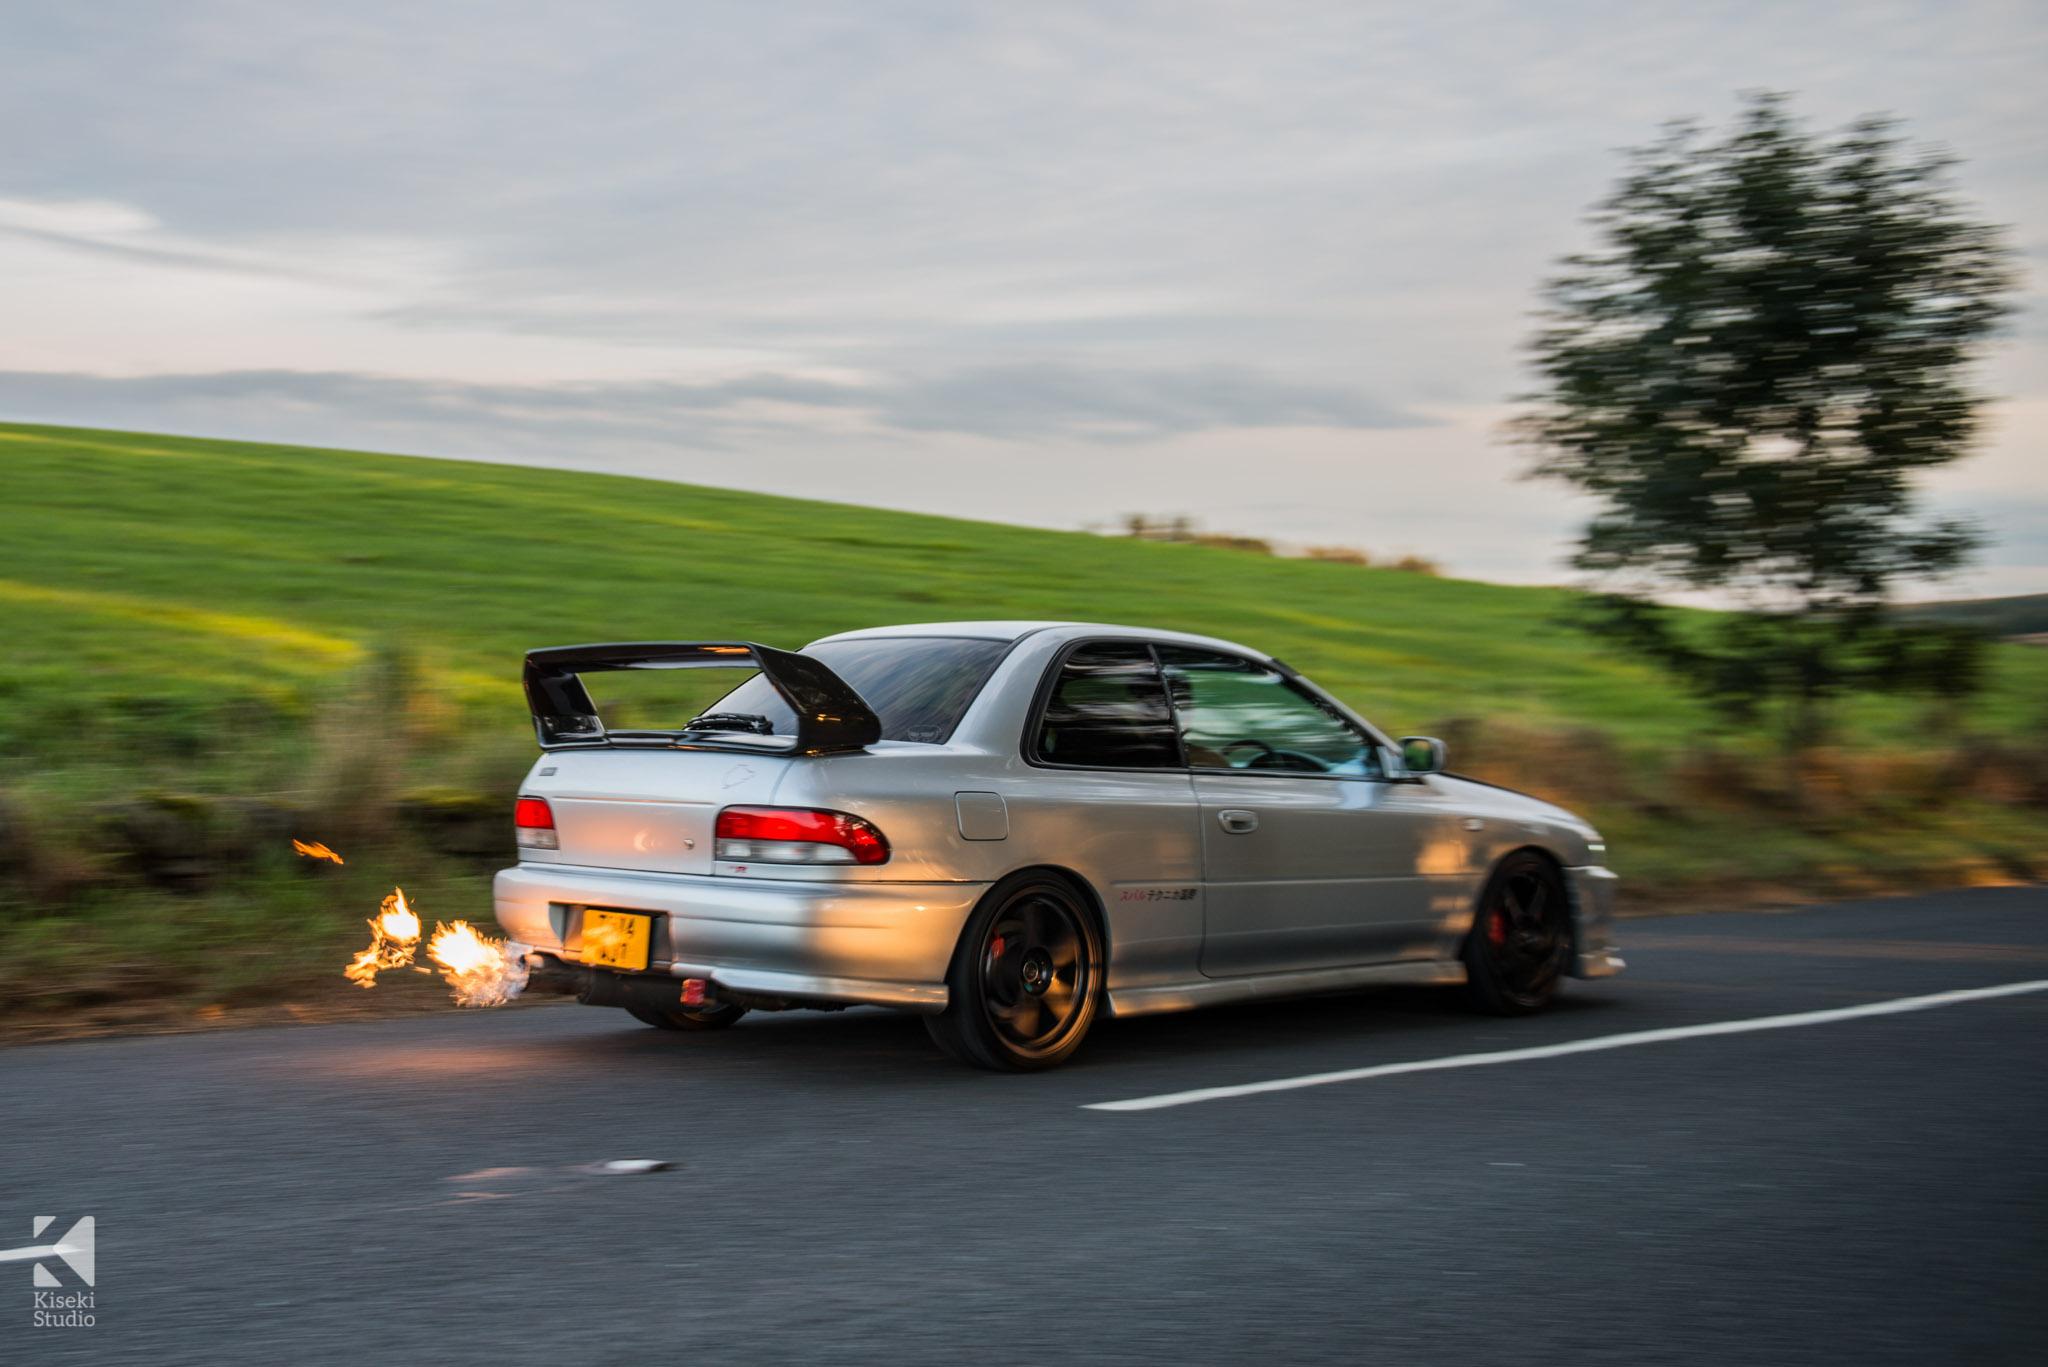 Subaru Impreza Sti Type R Gc8 Flaming Kiseki Studio